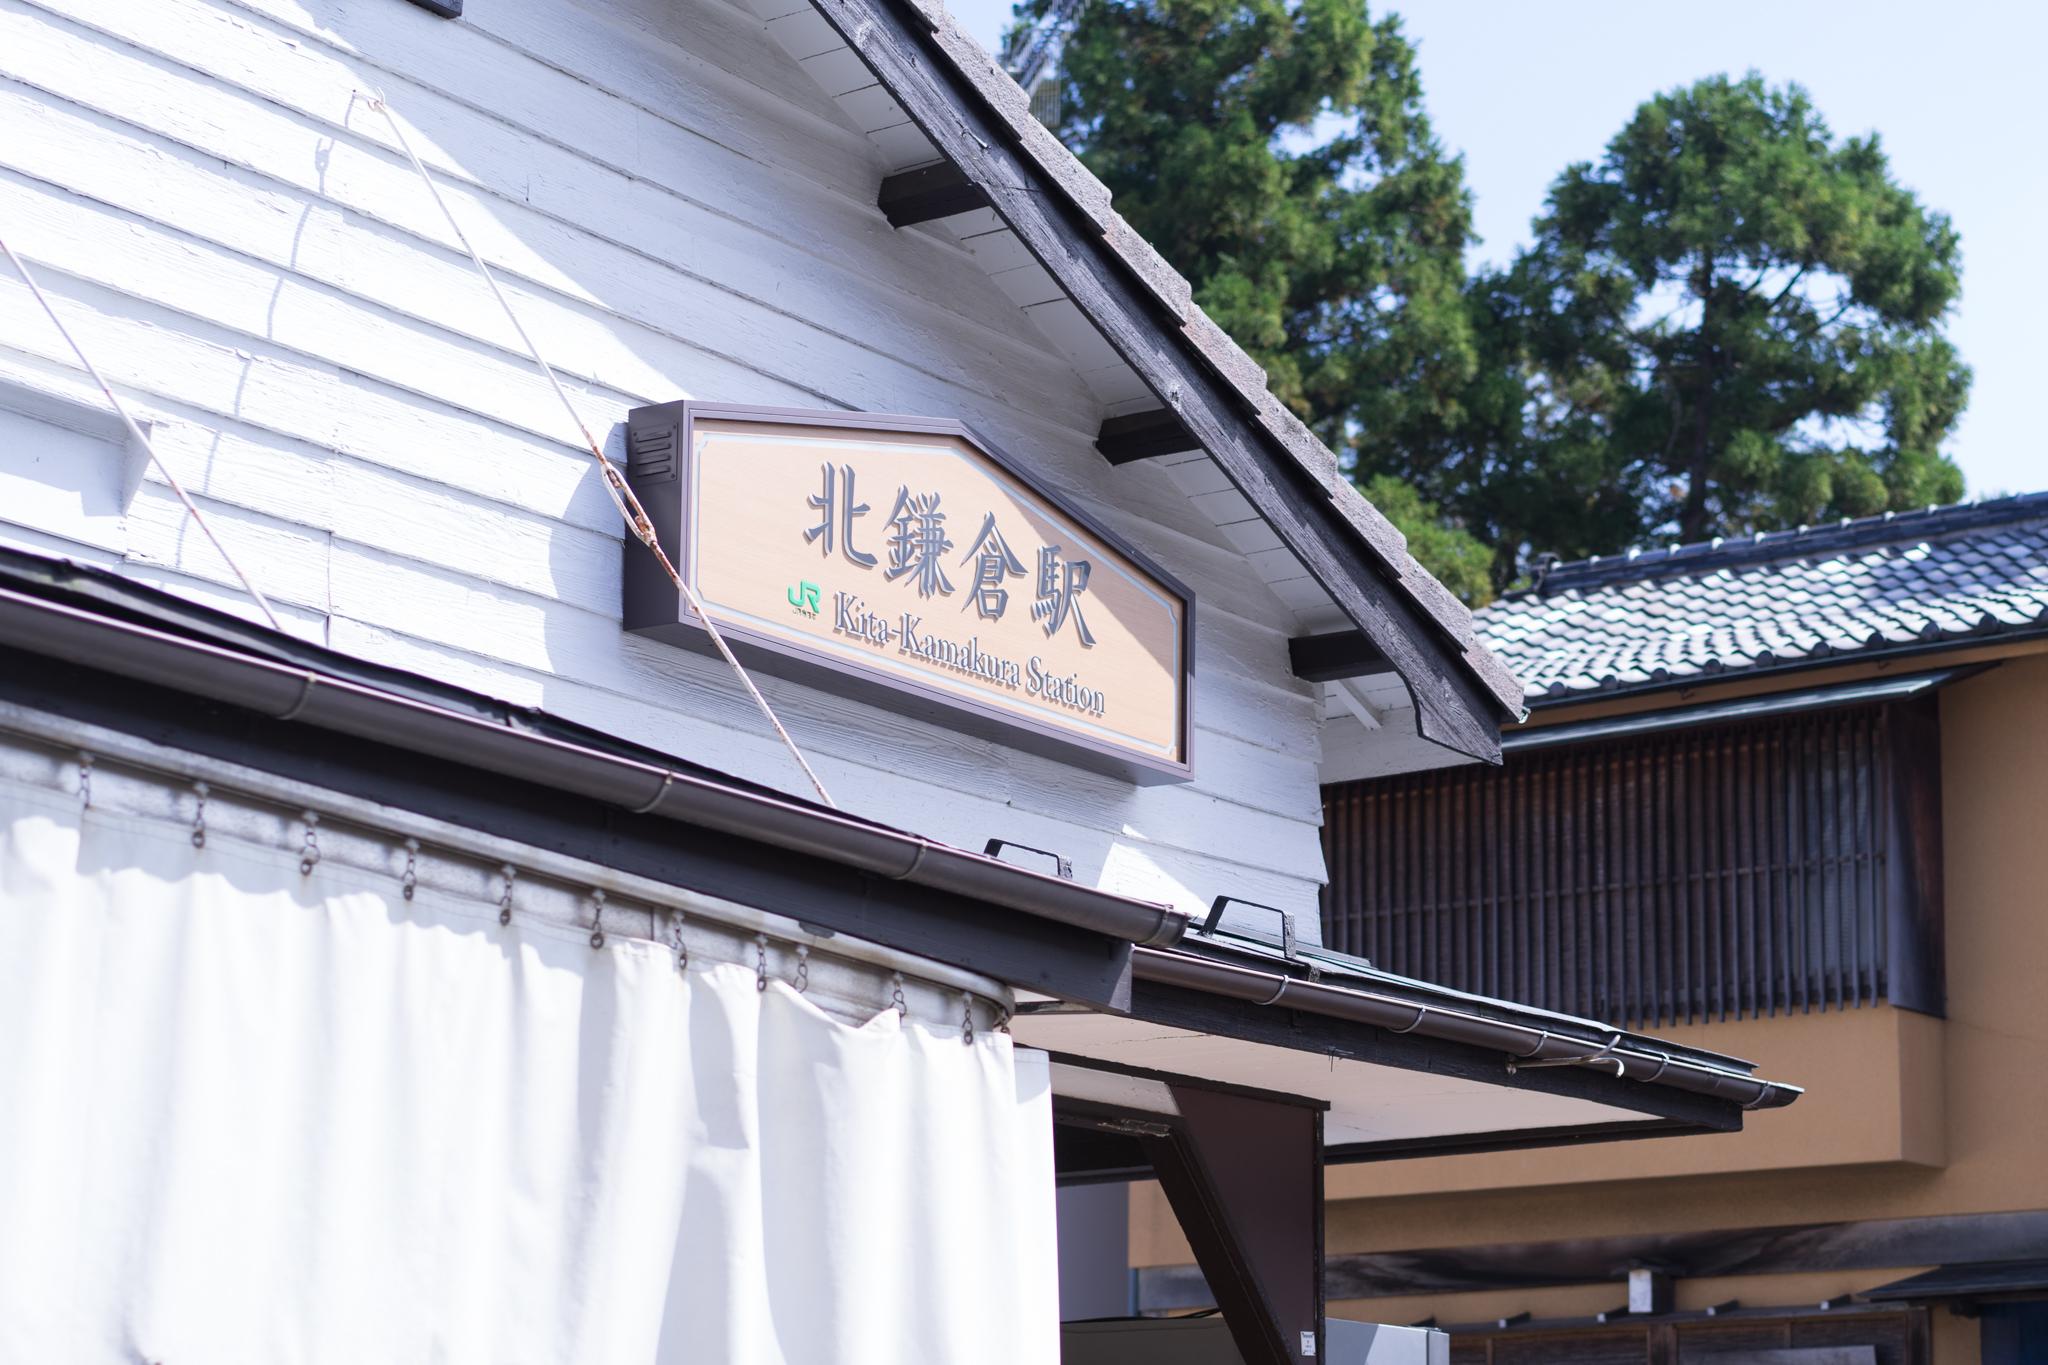 f:id:mitsuya0:20171119174541j:plain